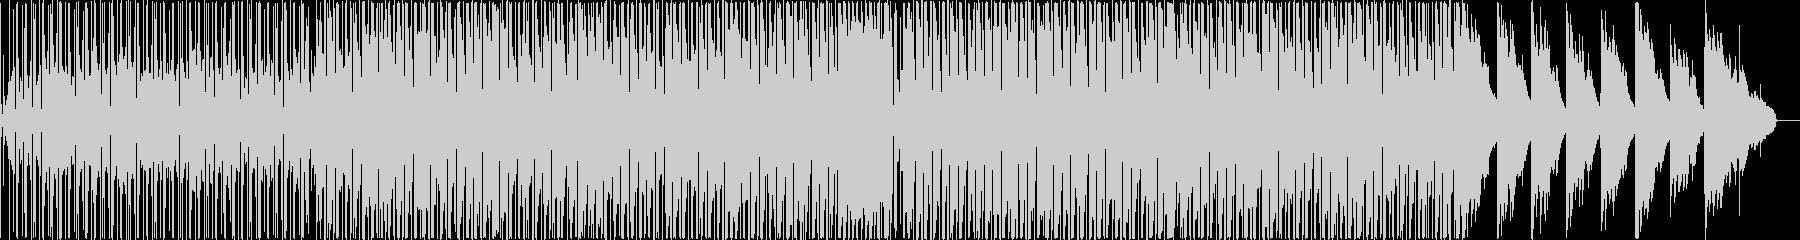 軽快でほのぼのと可愛い雰囲気のBGMの未再生の波形